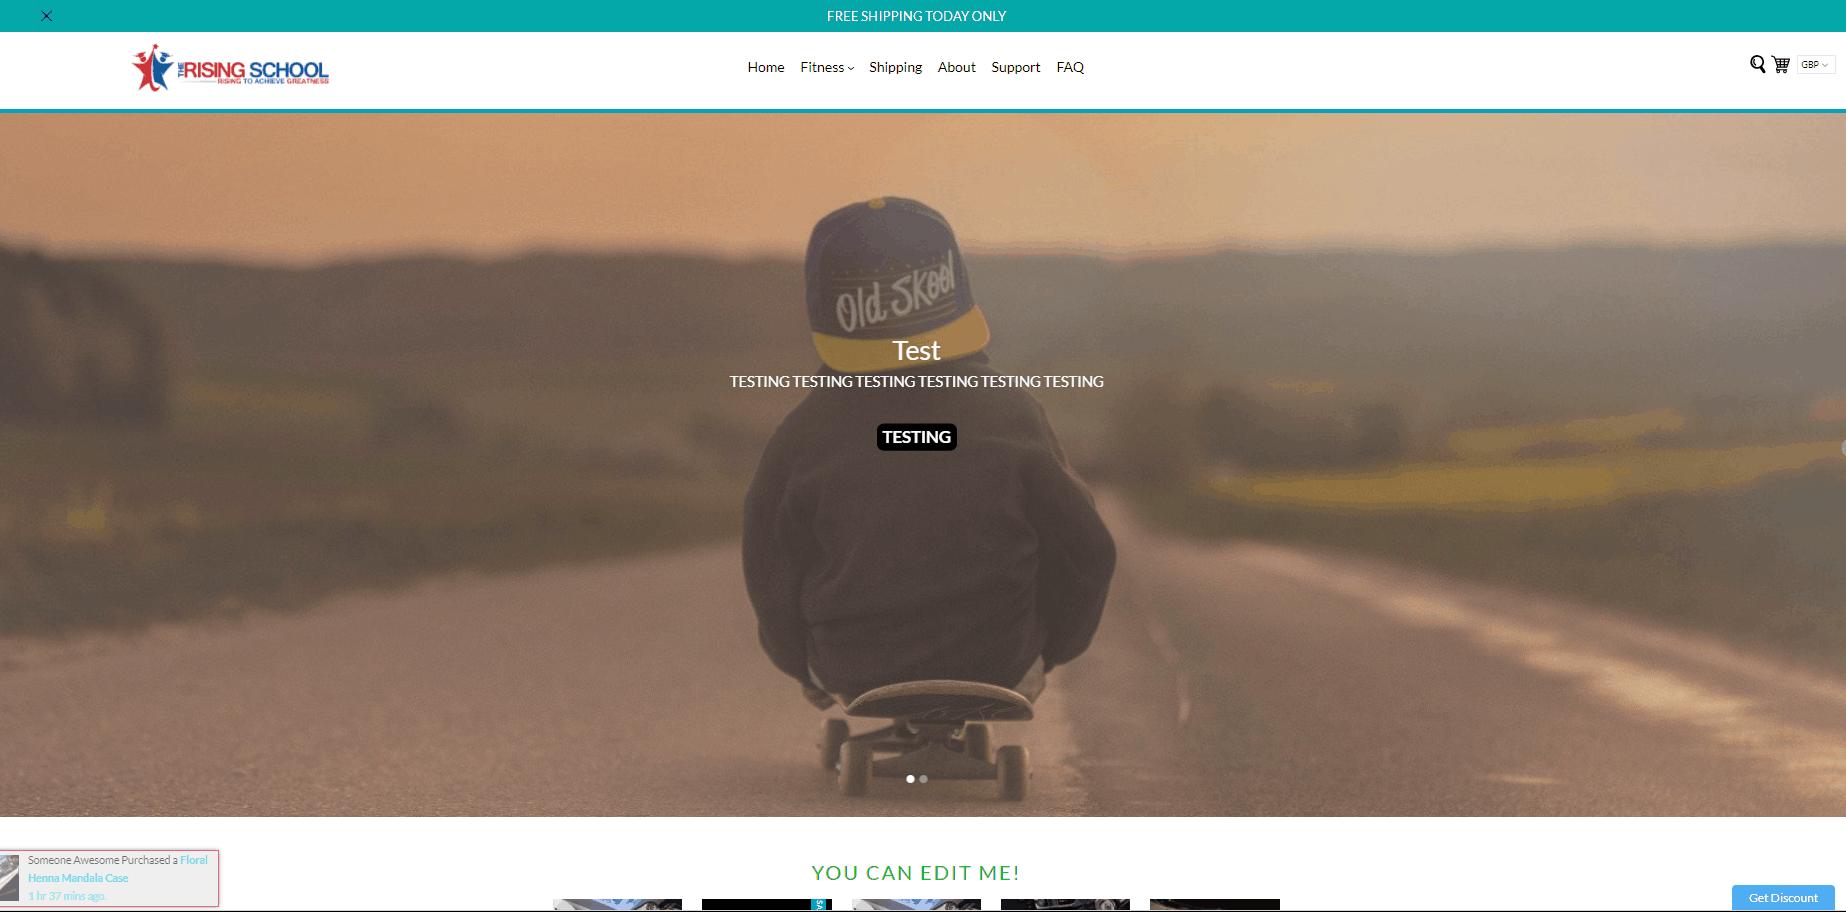 ecom turbo home screen